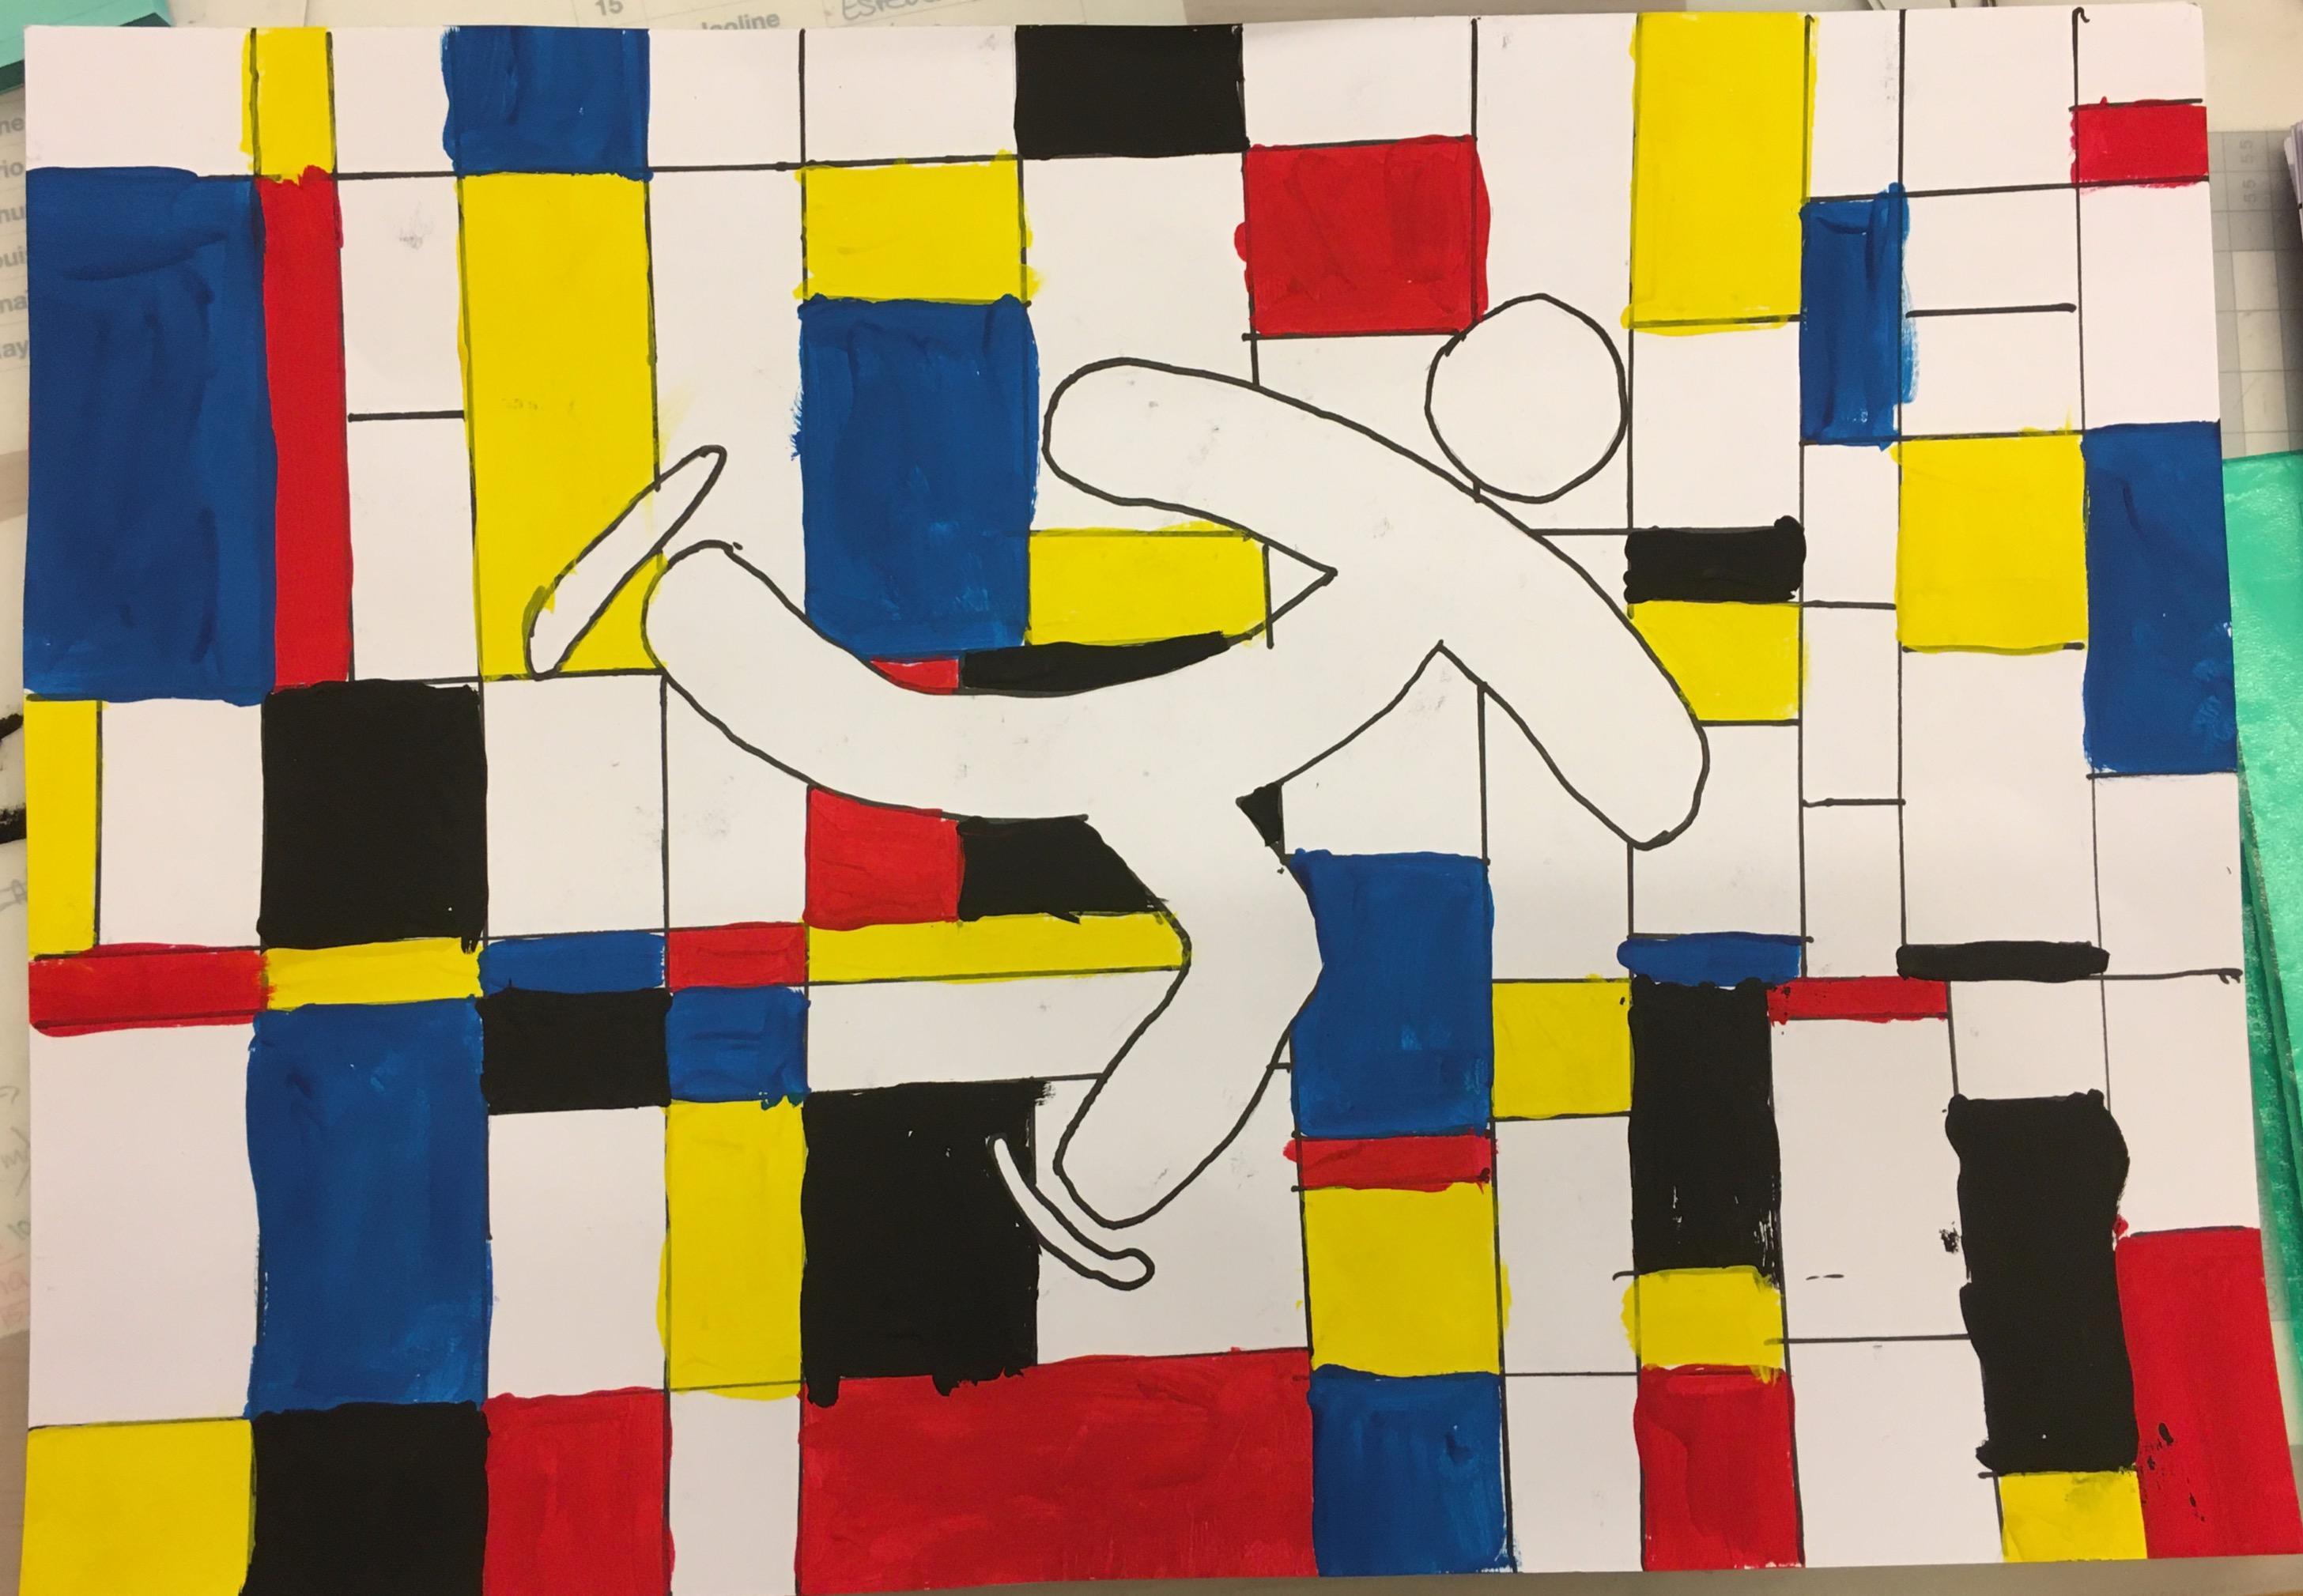 JOJ à la manière de Mondrian